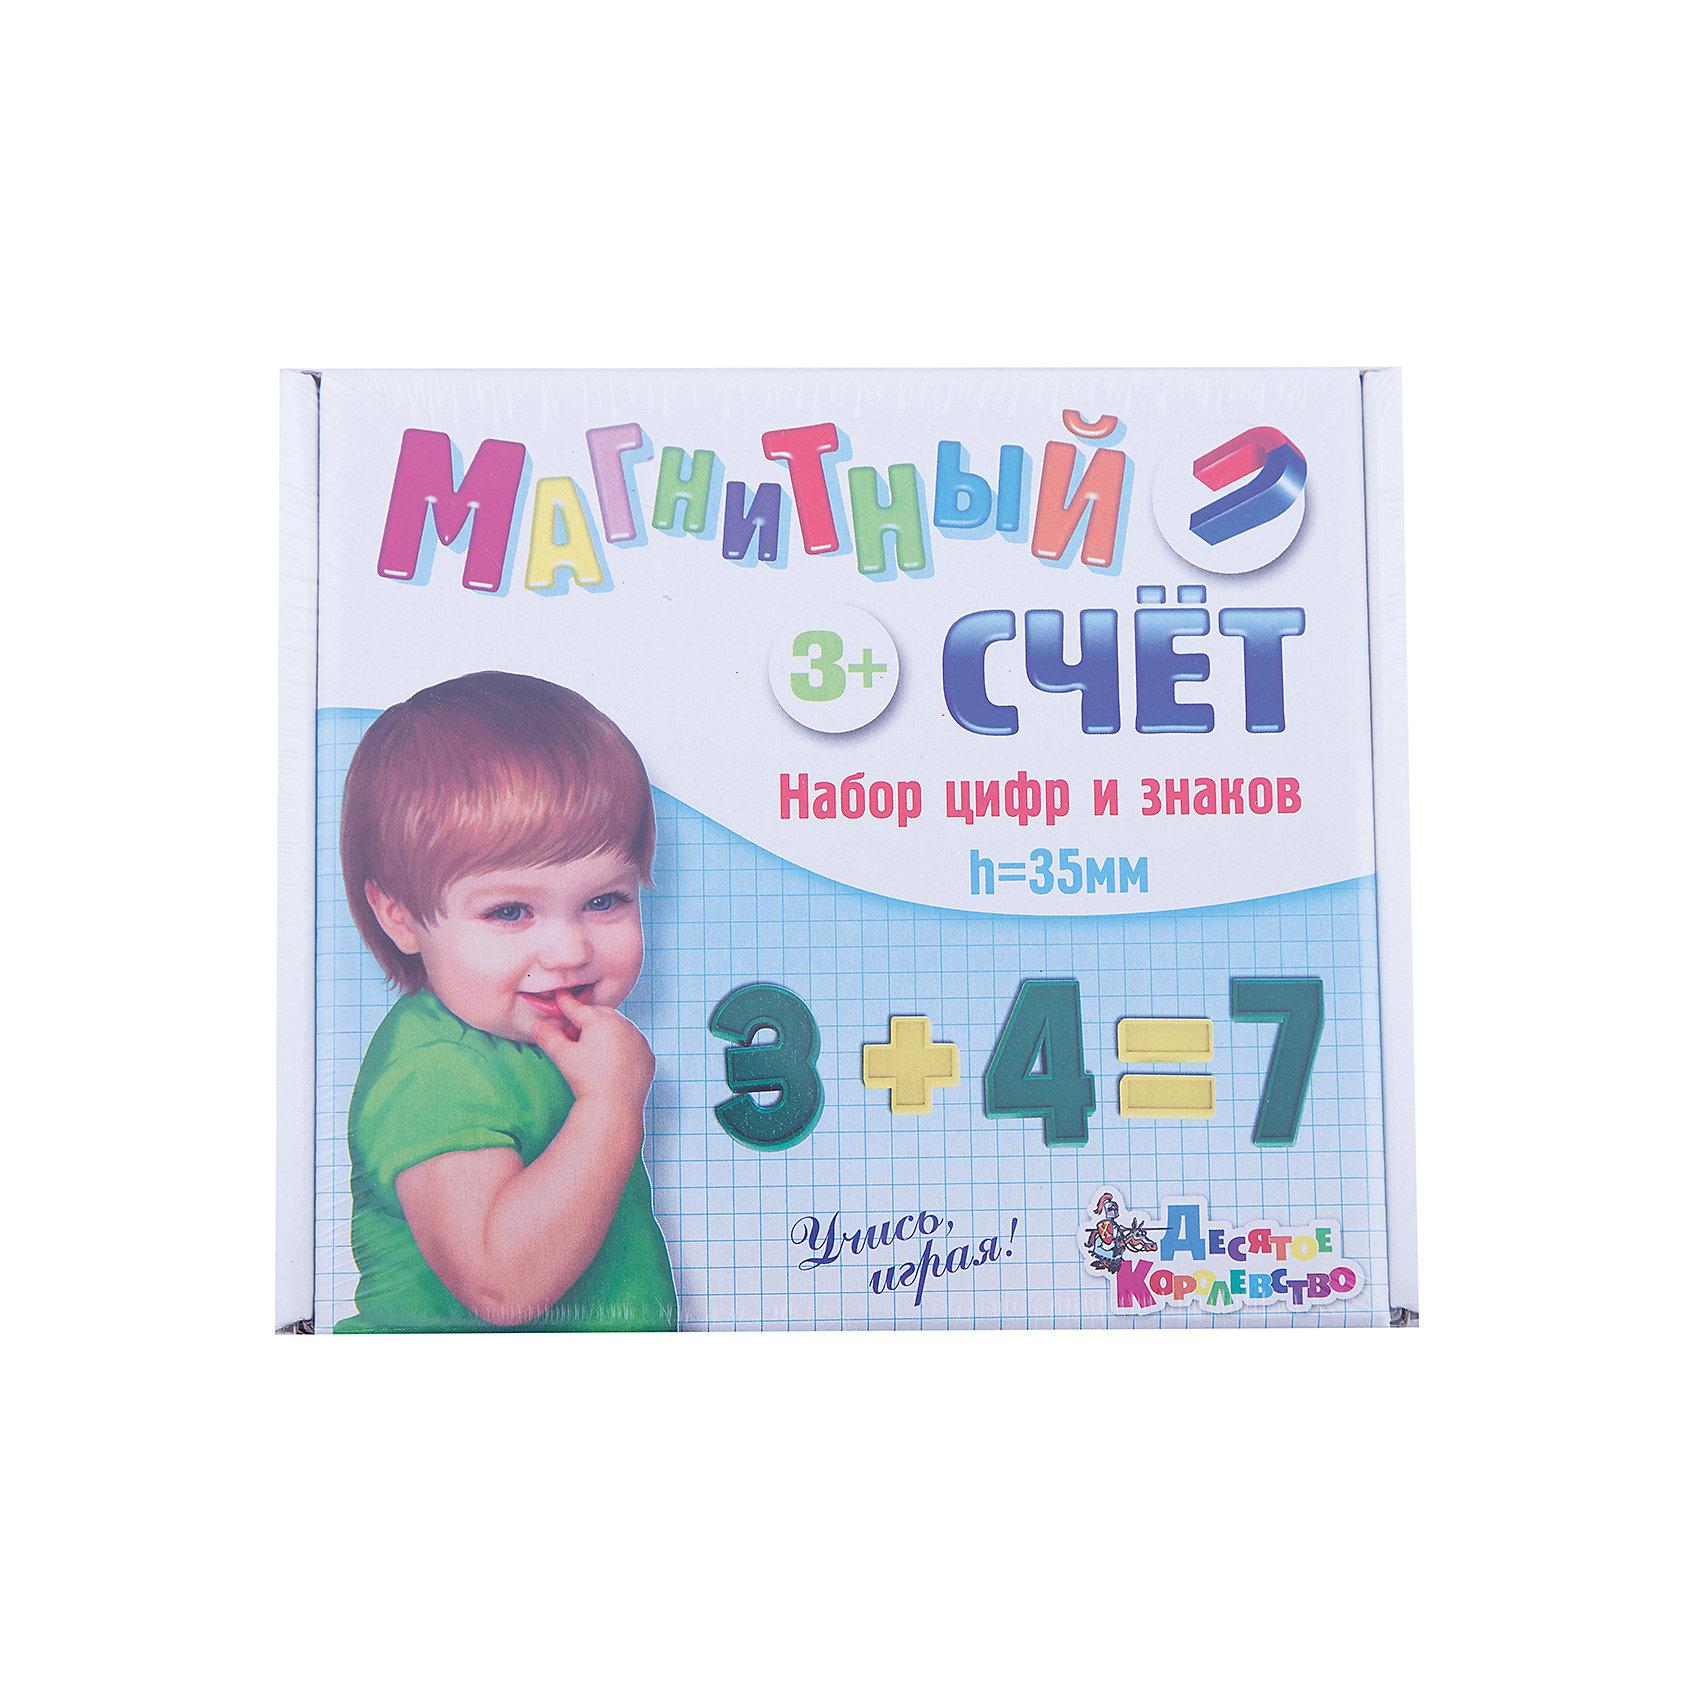 Магнитный Счет, Десятое королевствоПособия для обучения счёту<br>Магнитный Счет, Десятое королевство<br><br>Характеристики:<br><br>• Возраст: от 5 лет<br>• Размер букв/цифр: 35мм<br>• В наборе: 52 элементов<br><br>Этот набор будет служить удобным и наглядным пособием для детей, изучающих буквы и основы счета. Если у вас нет Магнитной азбуки, то закреплять содержащиеся в наборе объемные знаки и цифры можно на холодильнике или иной металлической поверхности. Пользуясь набором можно закреплять знания по математике или учиться считать.<br><br>Магнитный Счет, Десятое королевство можно купить в нашем интернет-магазине.<br><br>Ширина мм: 200<br>Глубина мм: 175<br>Высота мм: 35<br>Вес г: 229<br>Возраст от месяцев: 36<br>Возраст до месяцев: 60<br>Пол: Унисекс<br>Возраст: Детский<br>SKU: 5471712